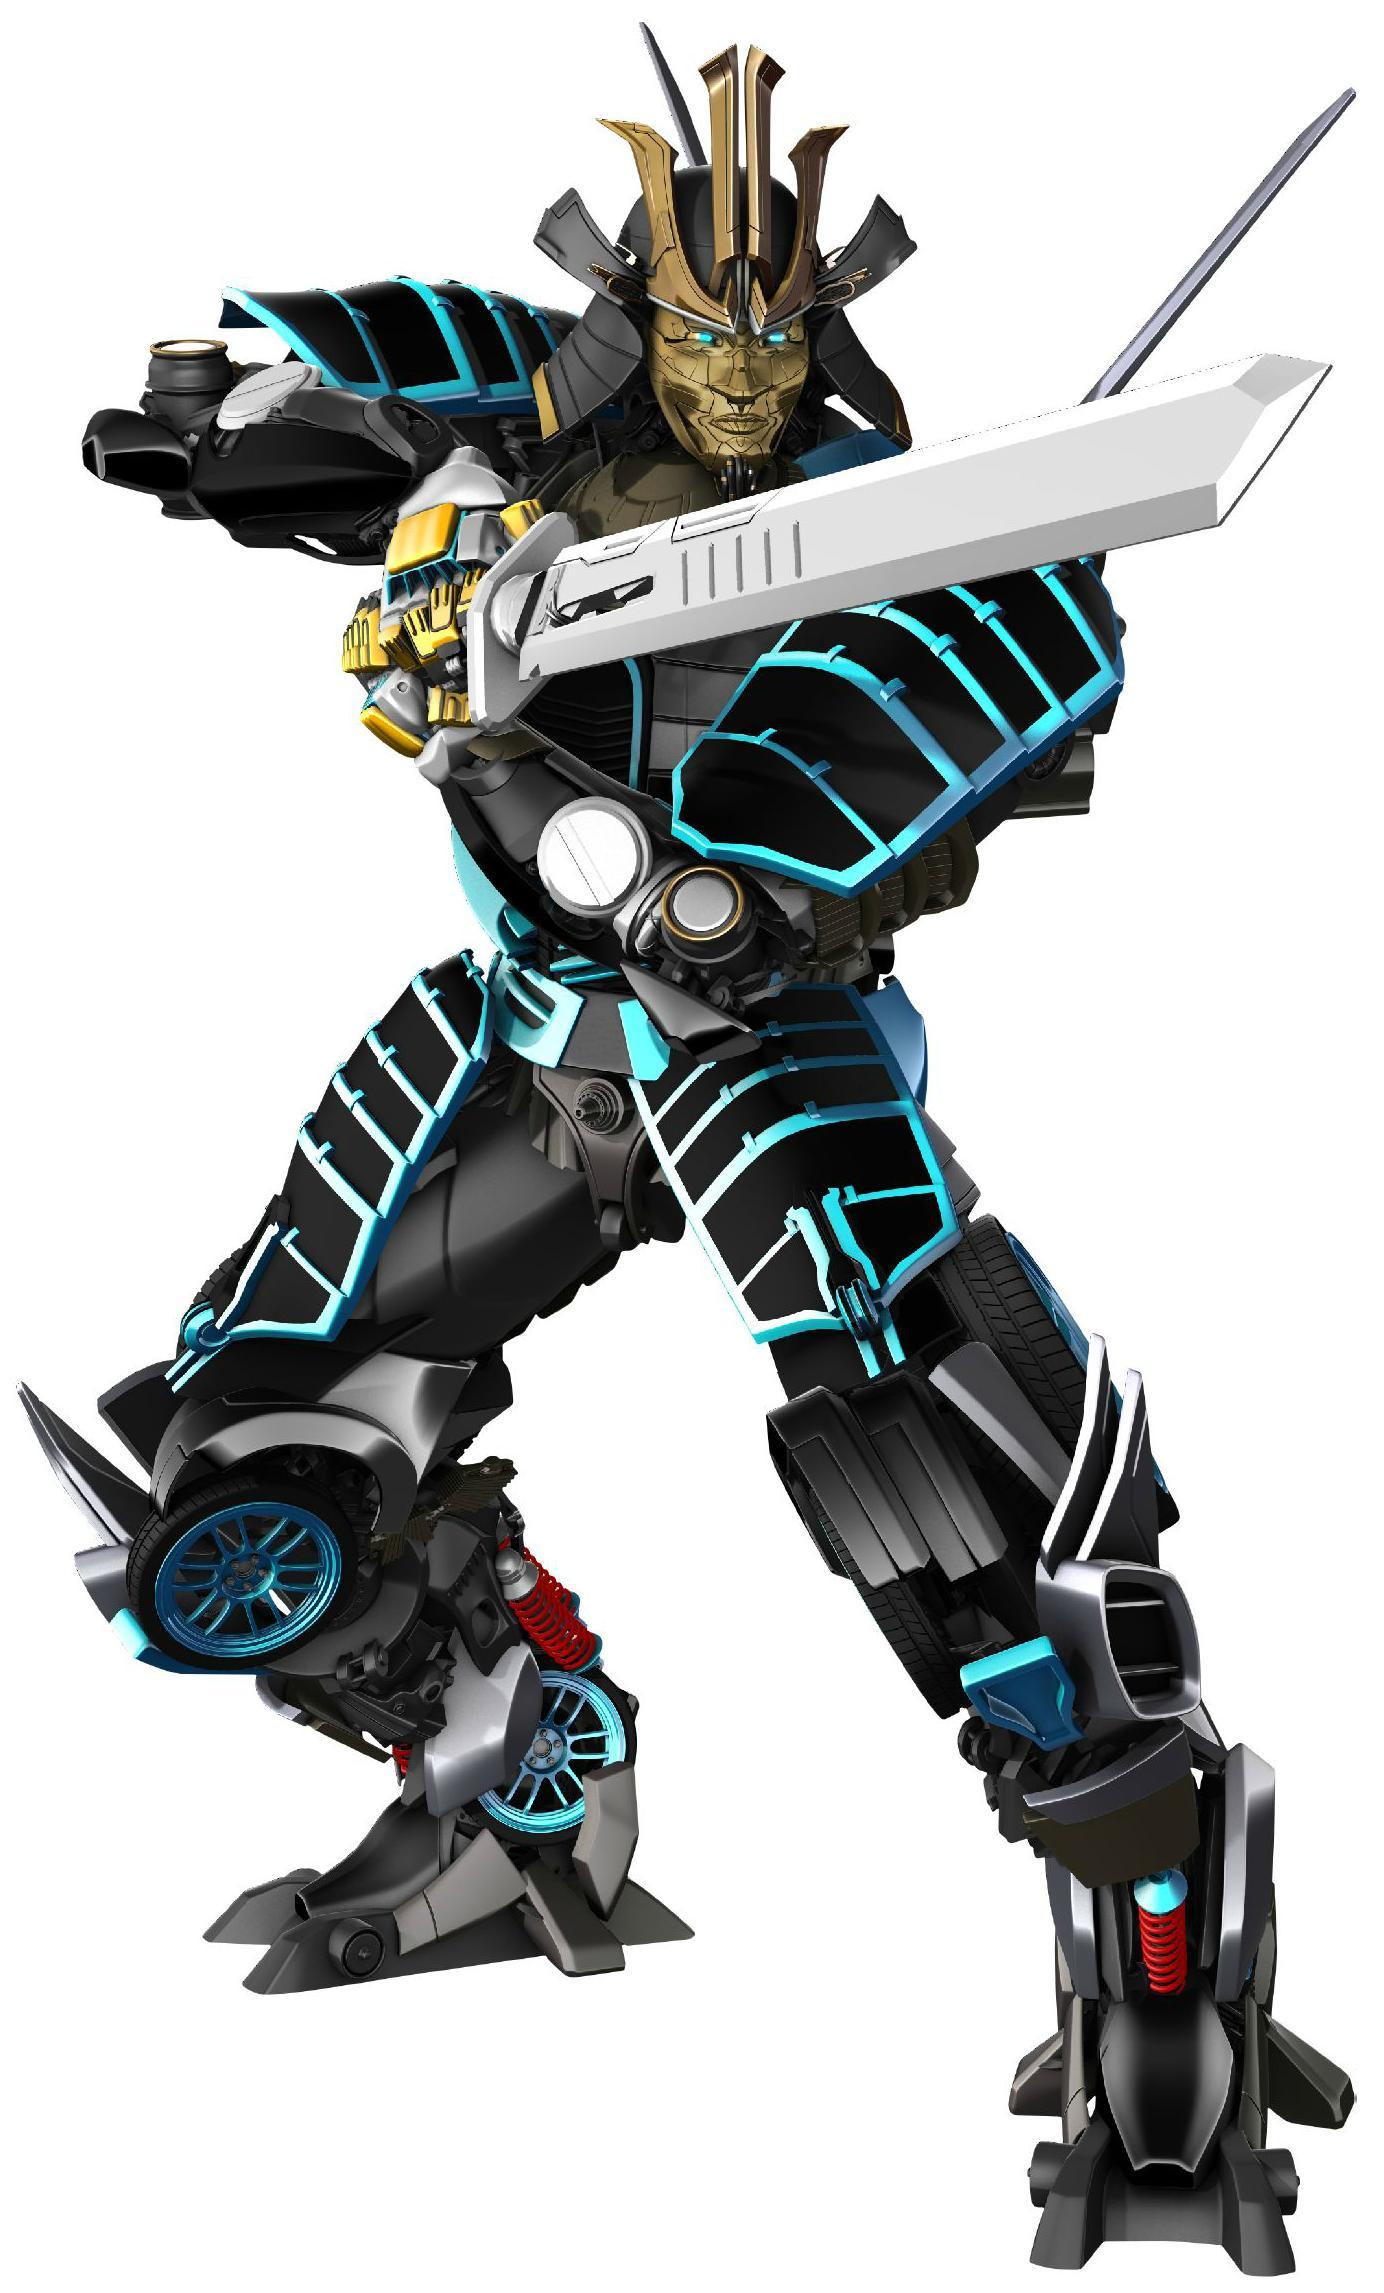 Drift movie transformers wiki fandom powered by wikia